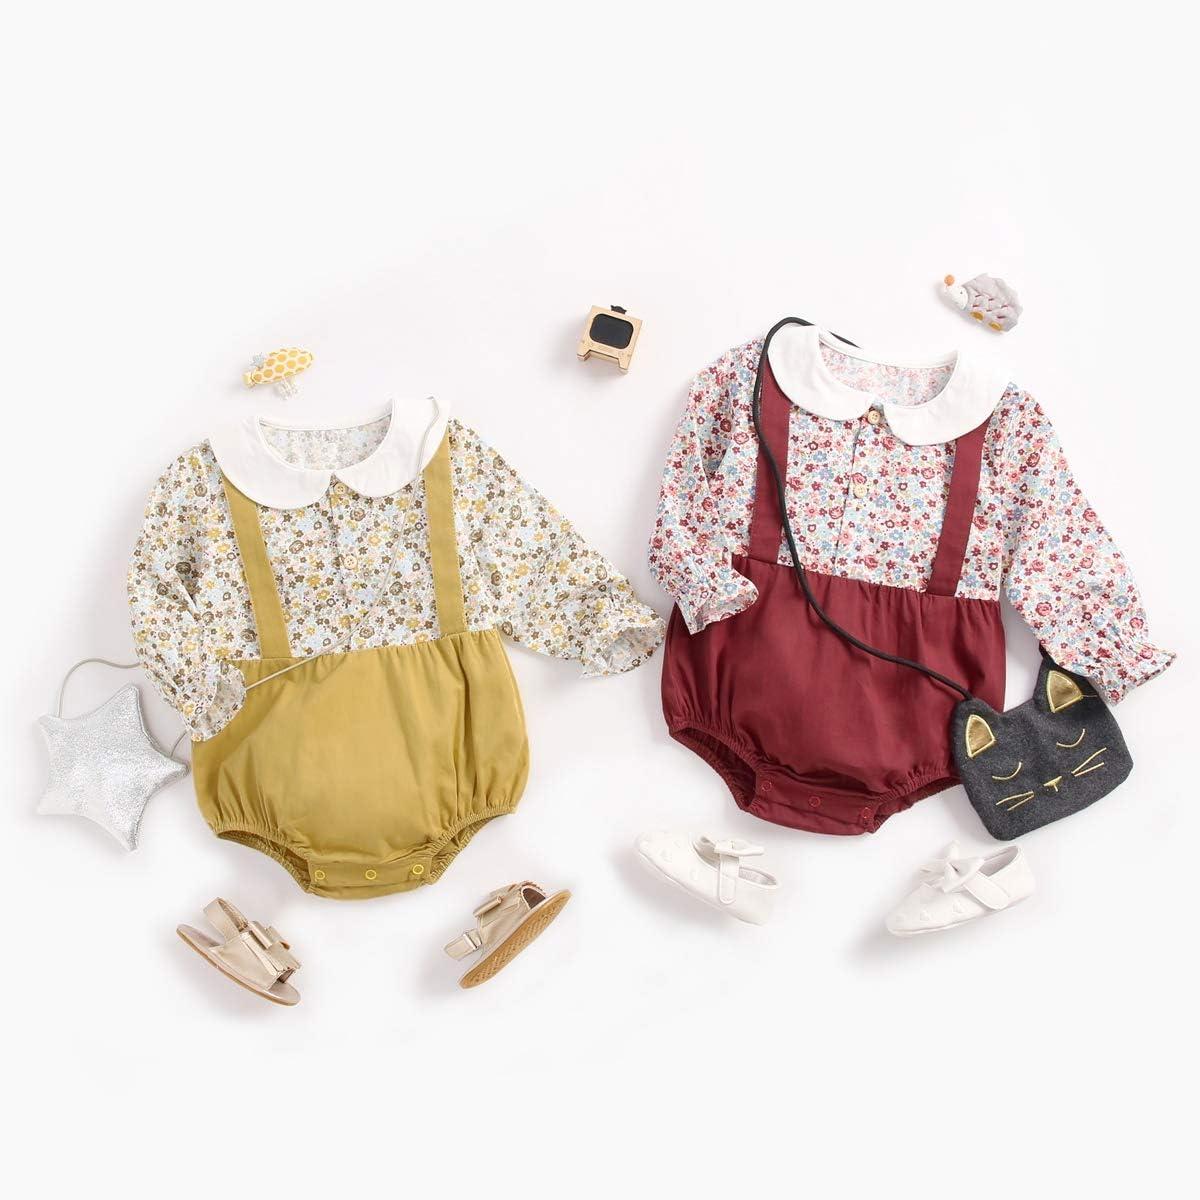 Sanlutoz Prinzessin Baby M/ädchen Strampelh/öschen Baumwolle Blume S/äuglingskleidung Lange /Ärmel